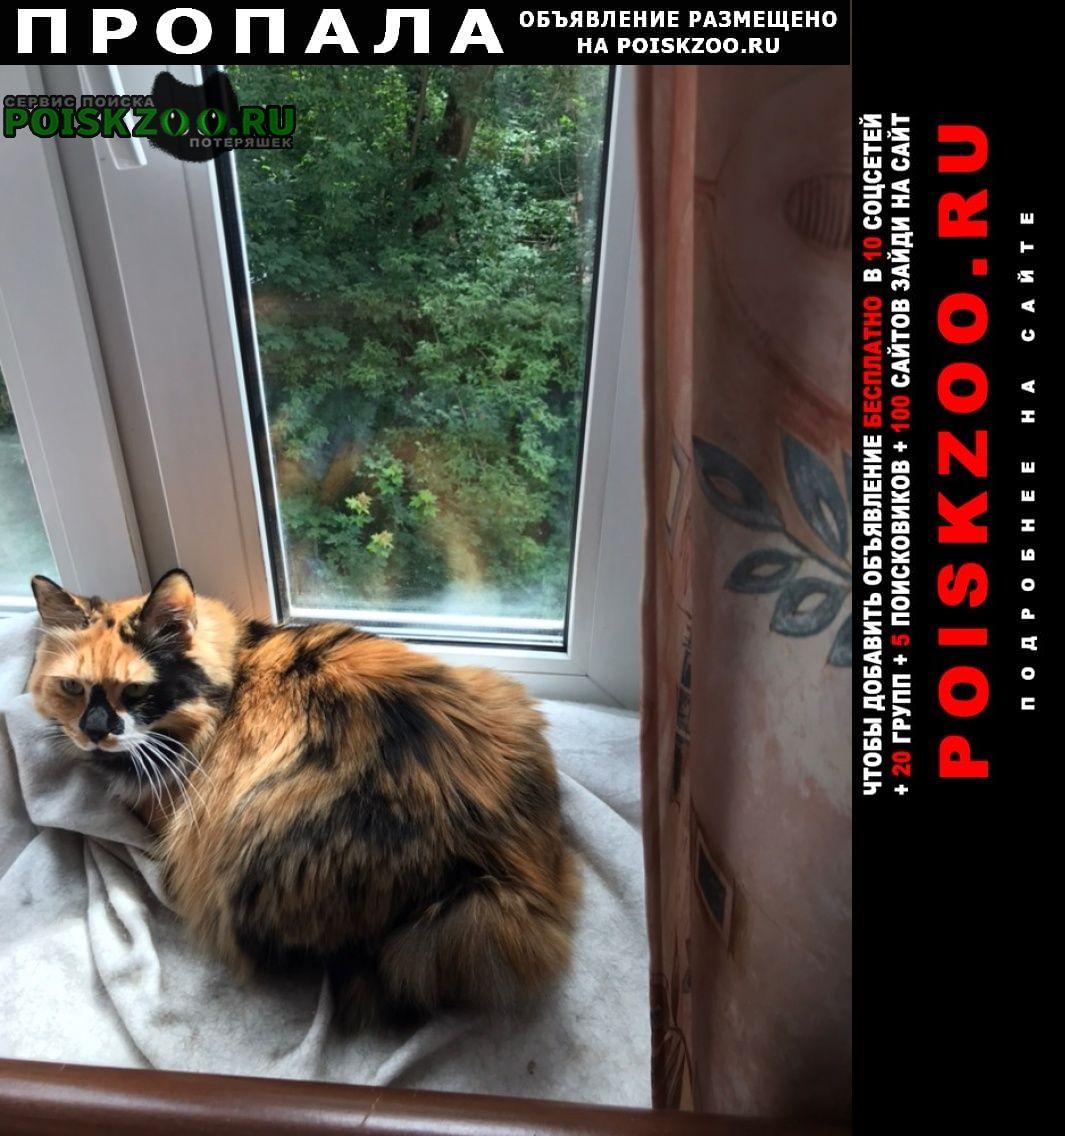 Пушкино Пропала кошка